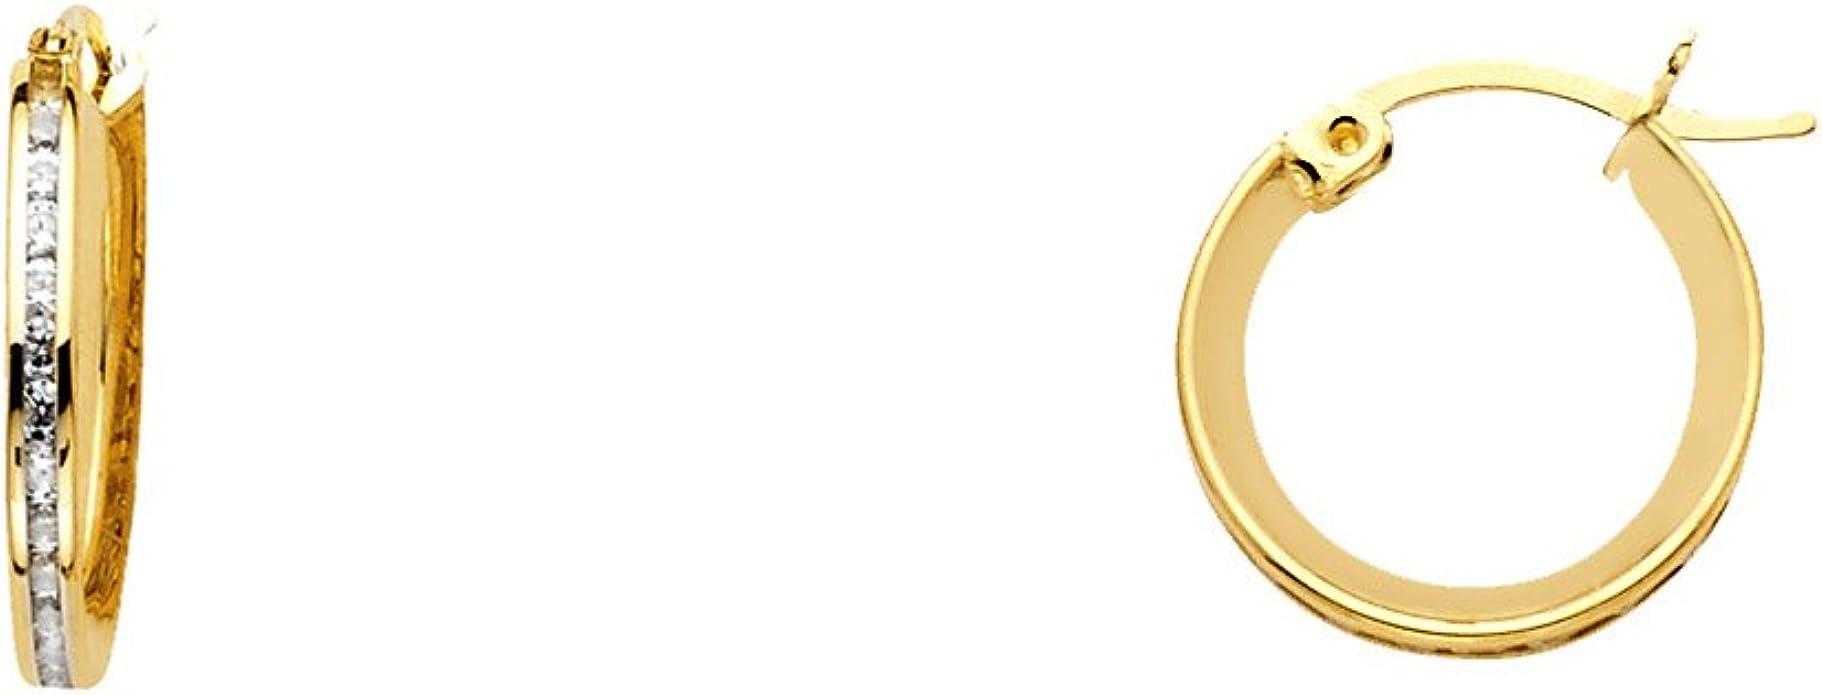 10KT YELLOW GOLD 13MM X 2MM HUGGIES EARRINGS-Gift Box-Free Shipping GUARANTEED!